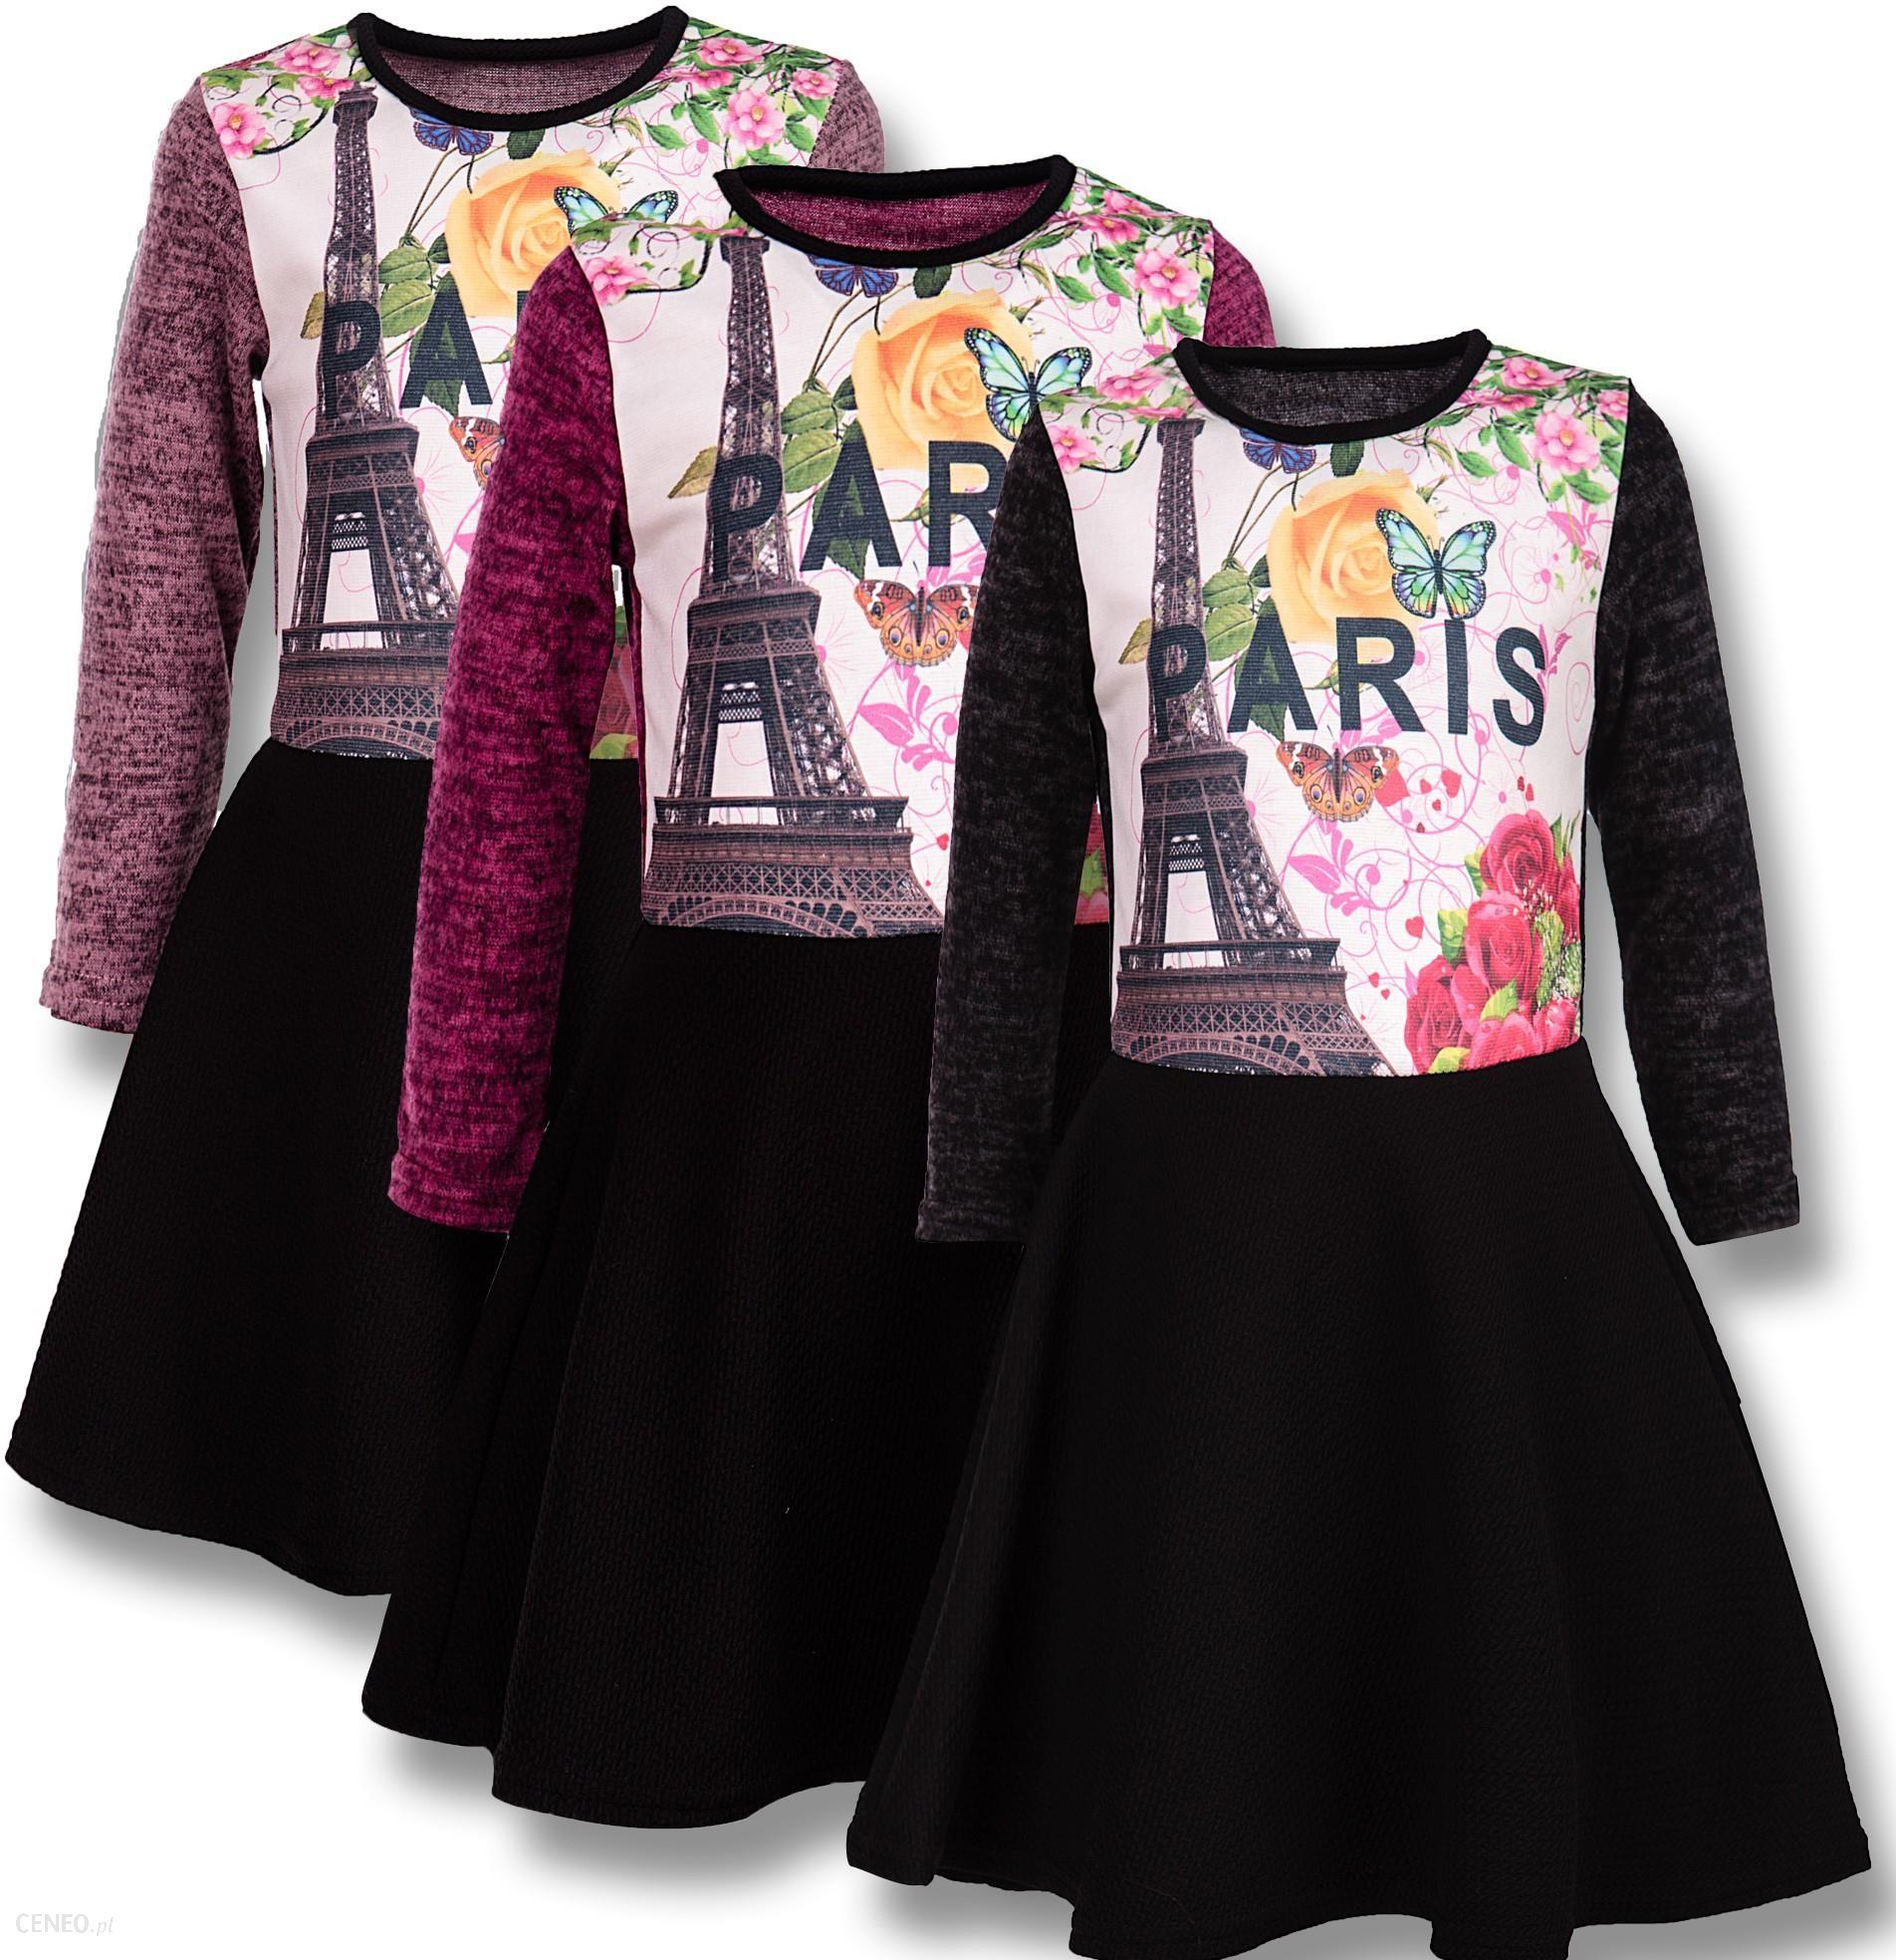 Schönes Mädchen Kleid mit Paris Druck - Ceneo.pl